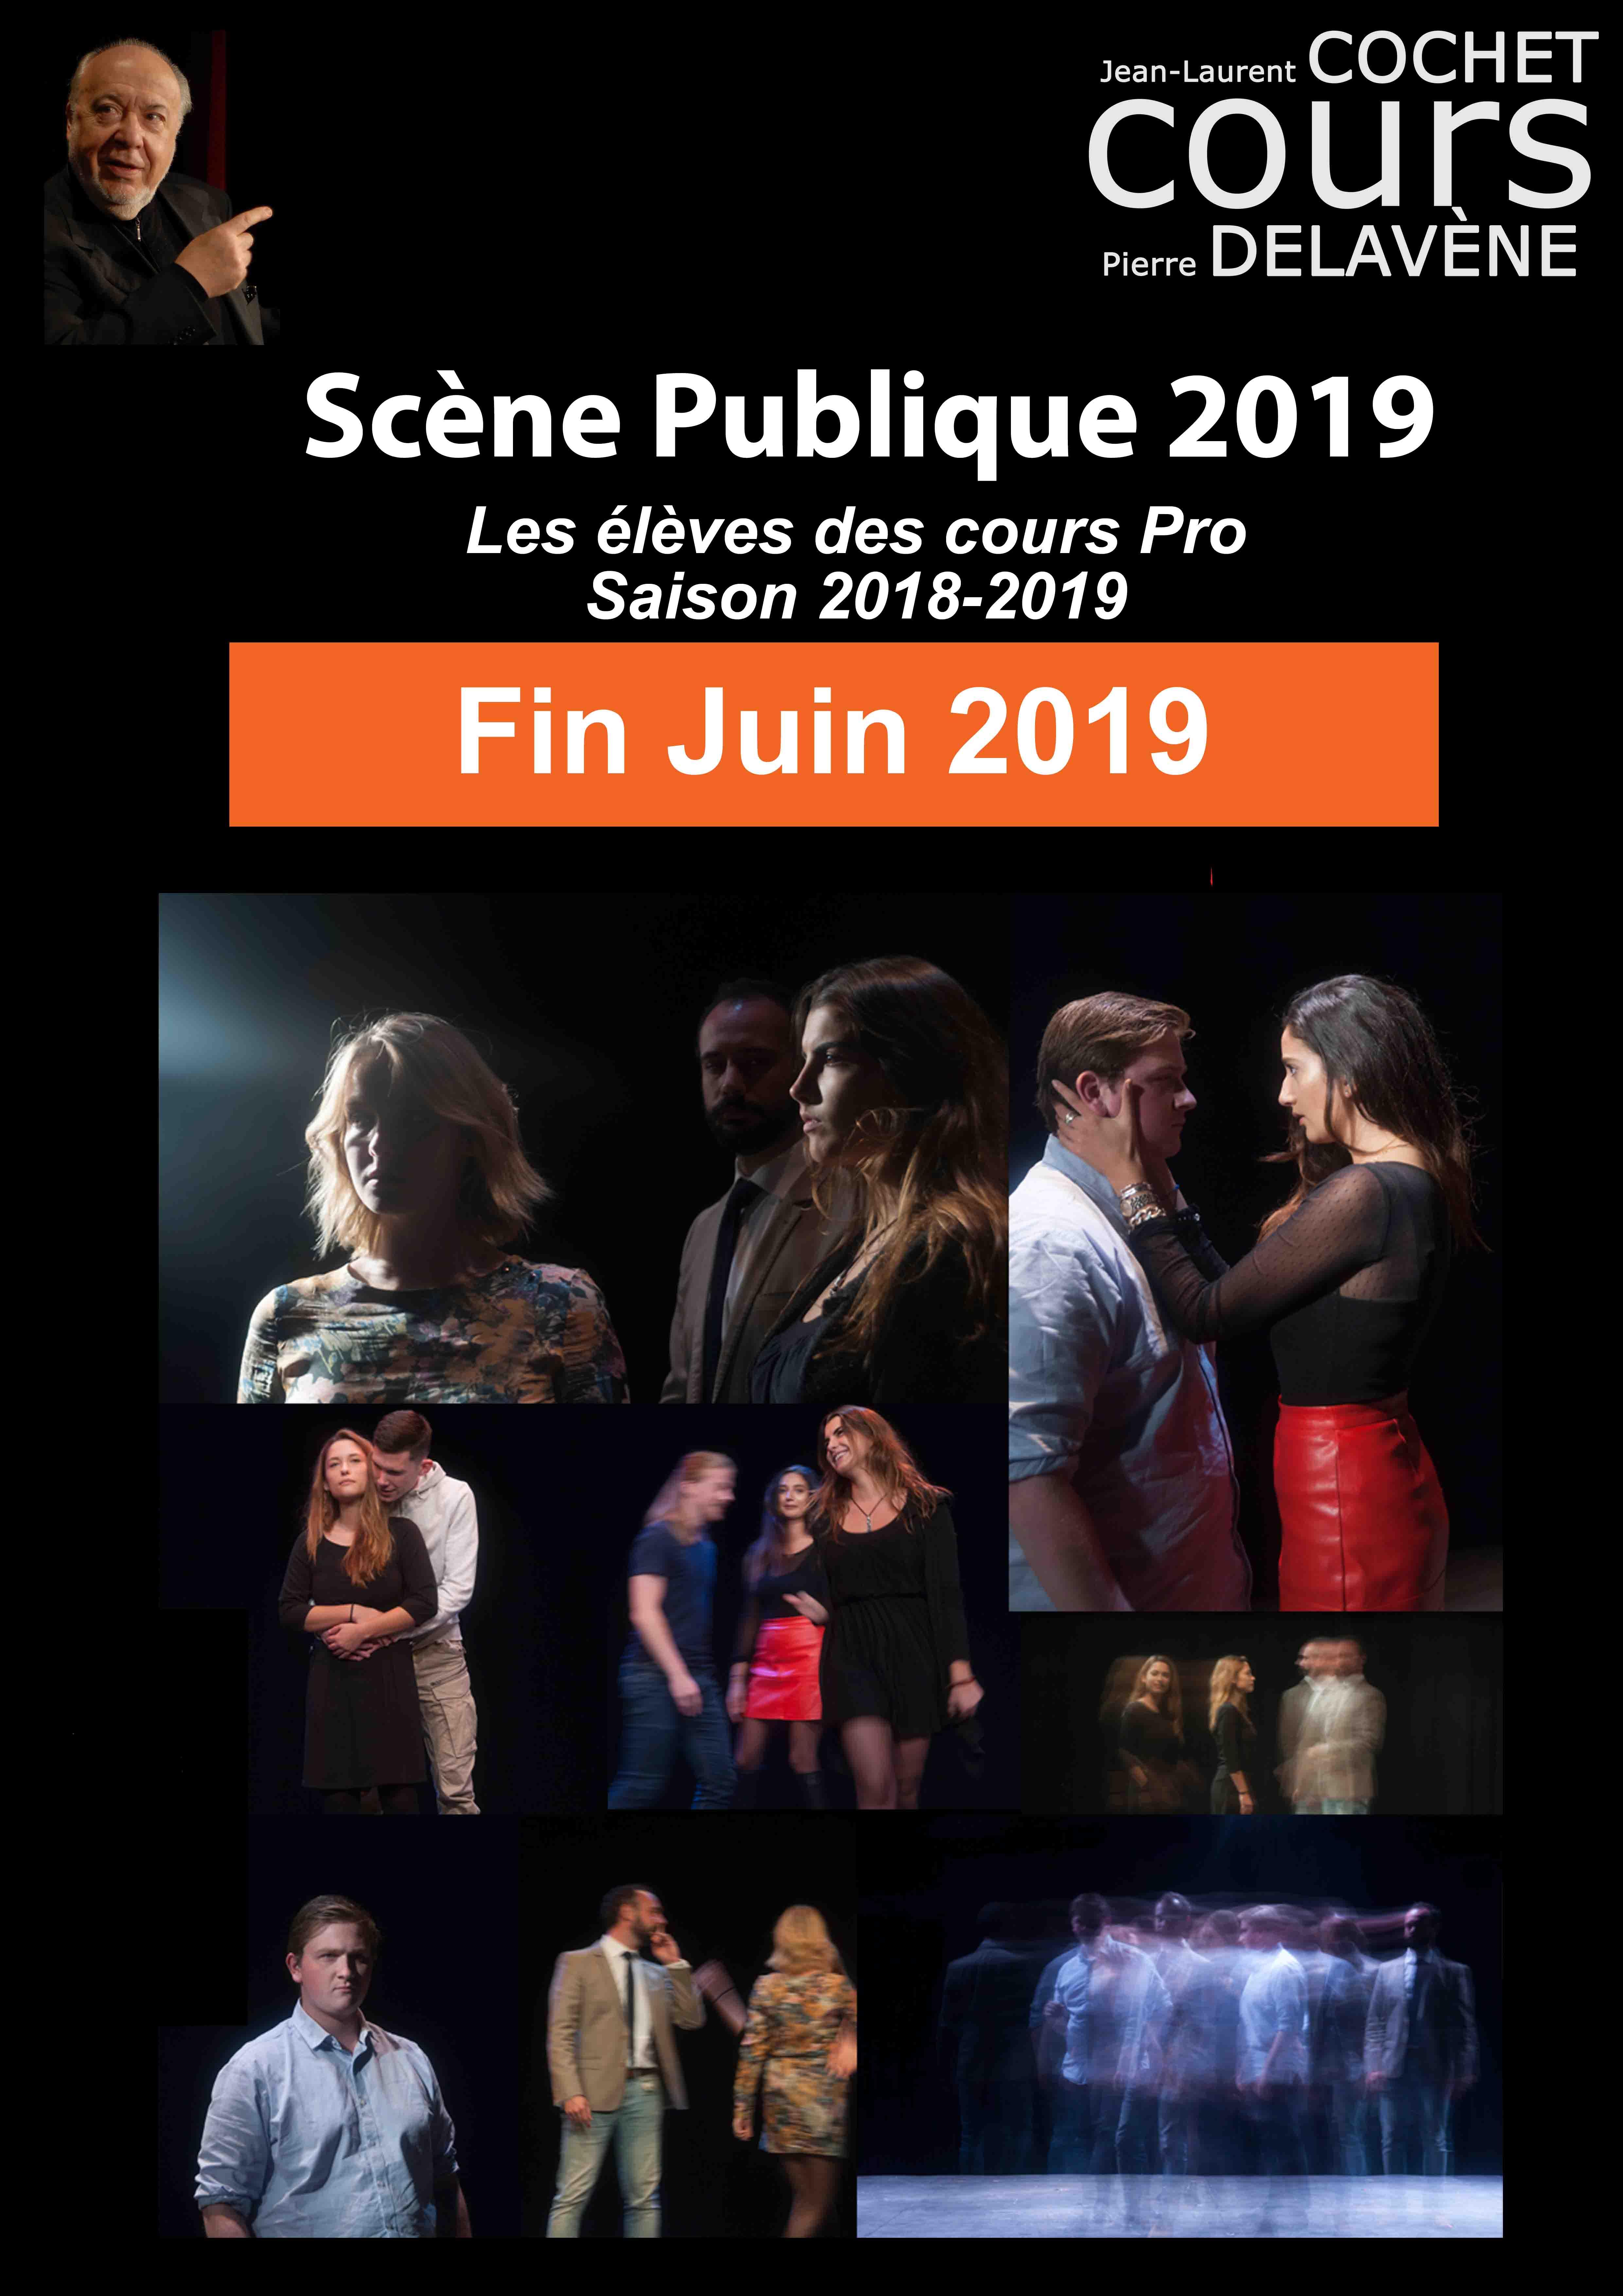 Scène Publique 2019